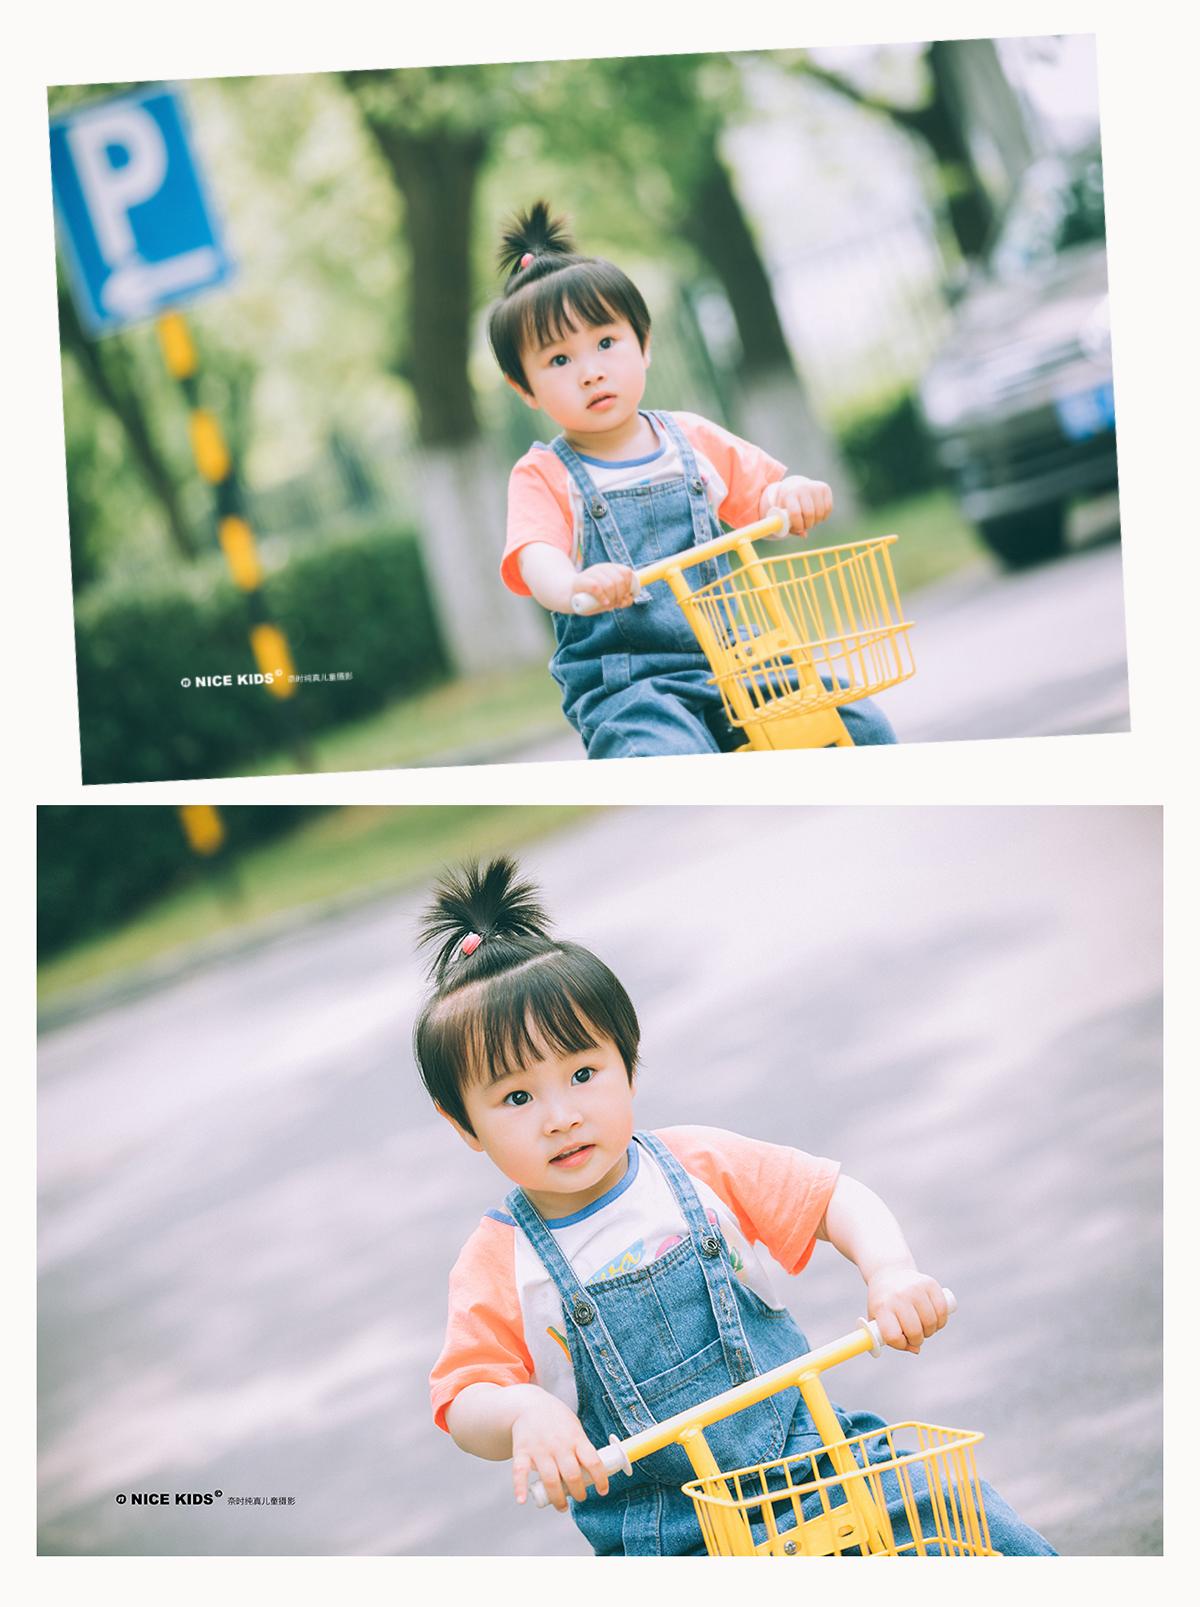 炎夏 – 来组小清新过暑-Jeray.Wang